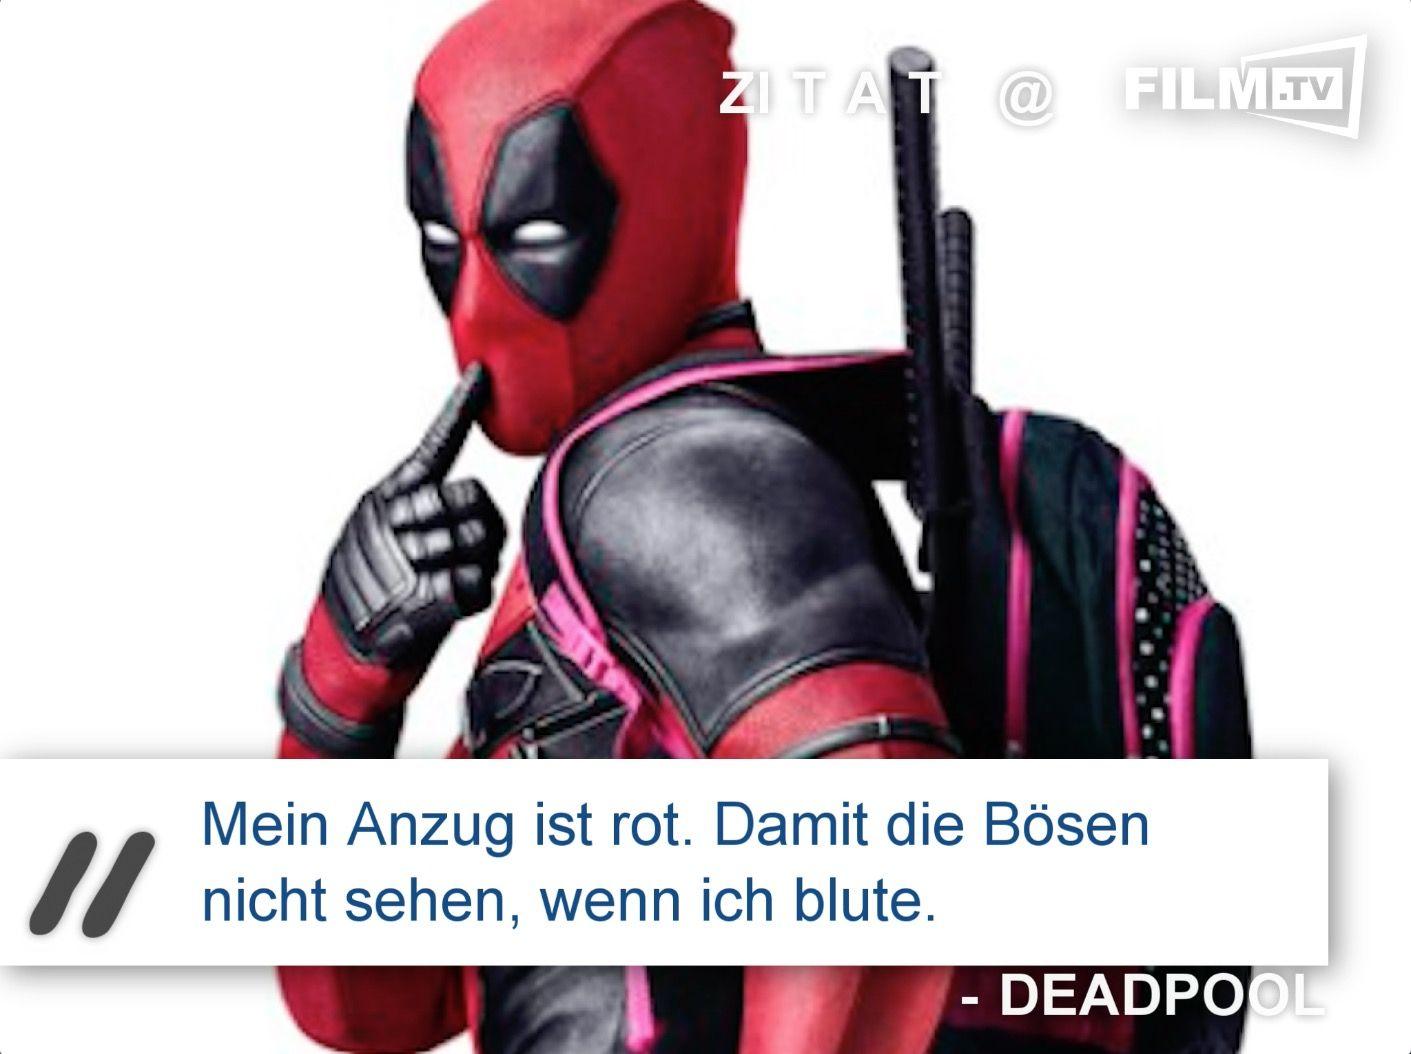 deadpool sprüche Deadpool: Die coolsten Sprüche aus dem | FILM.TV Funny Pics  deadpool sprüche